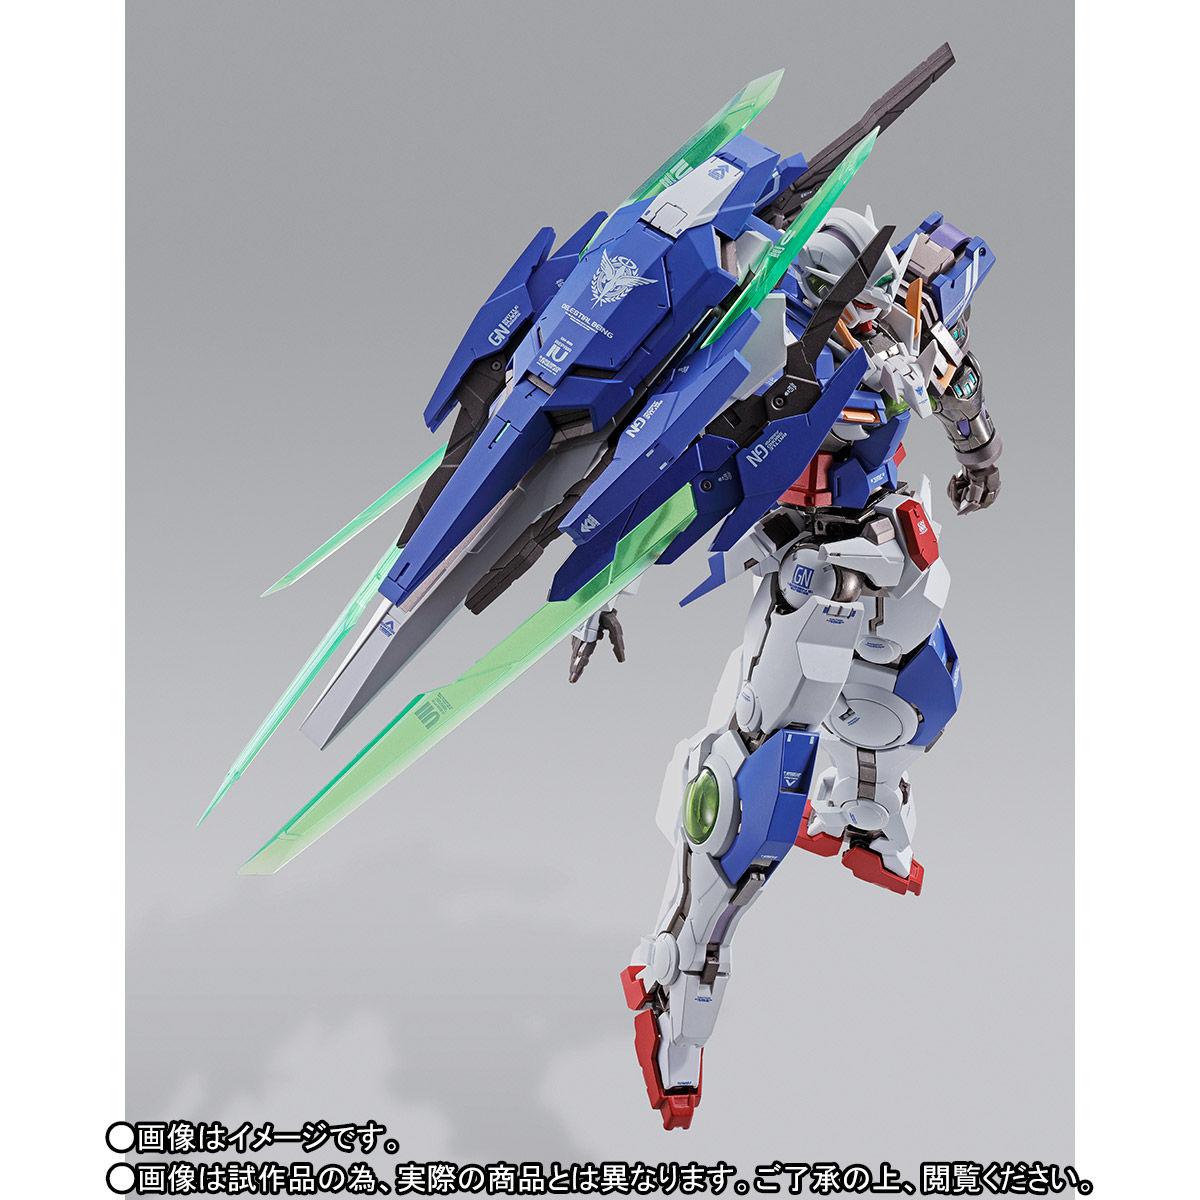 METAL BUILD『ガンダムエクシアリペアIV』機動戦士ガンダム00 可動フィギュア-006